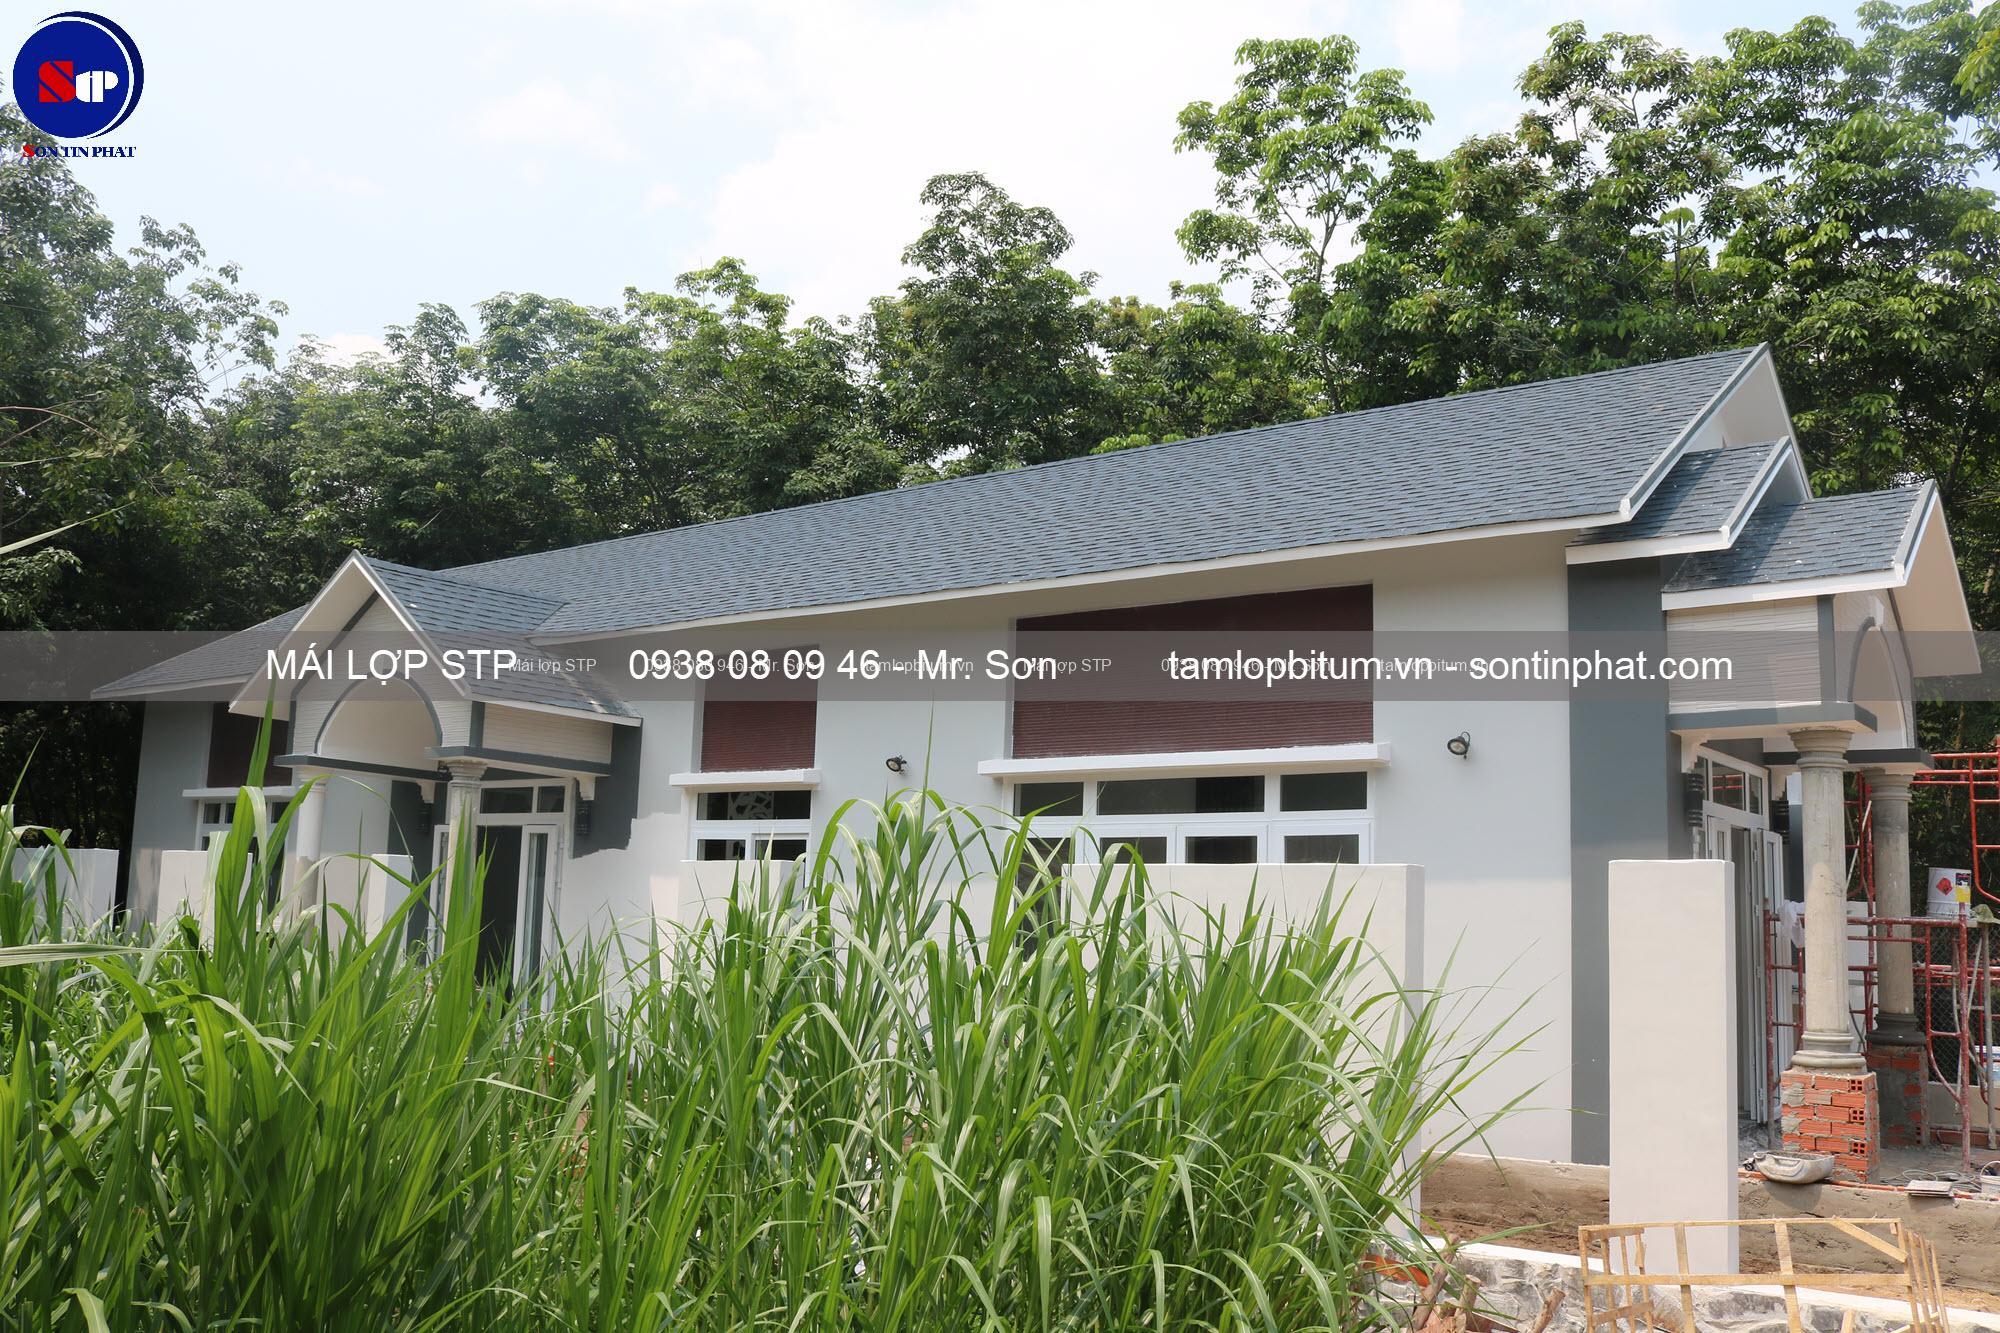 Mái đá STP kiểu xếp lớp cho nhà mái Thái